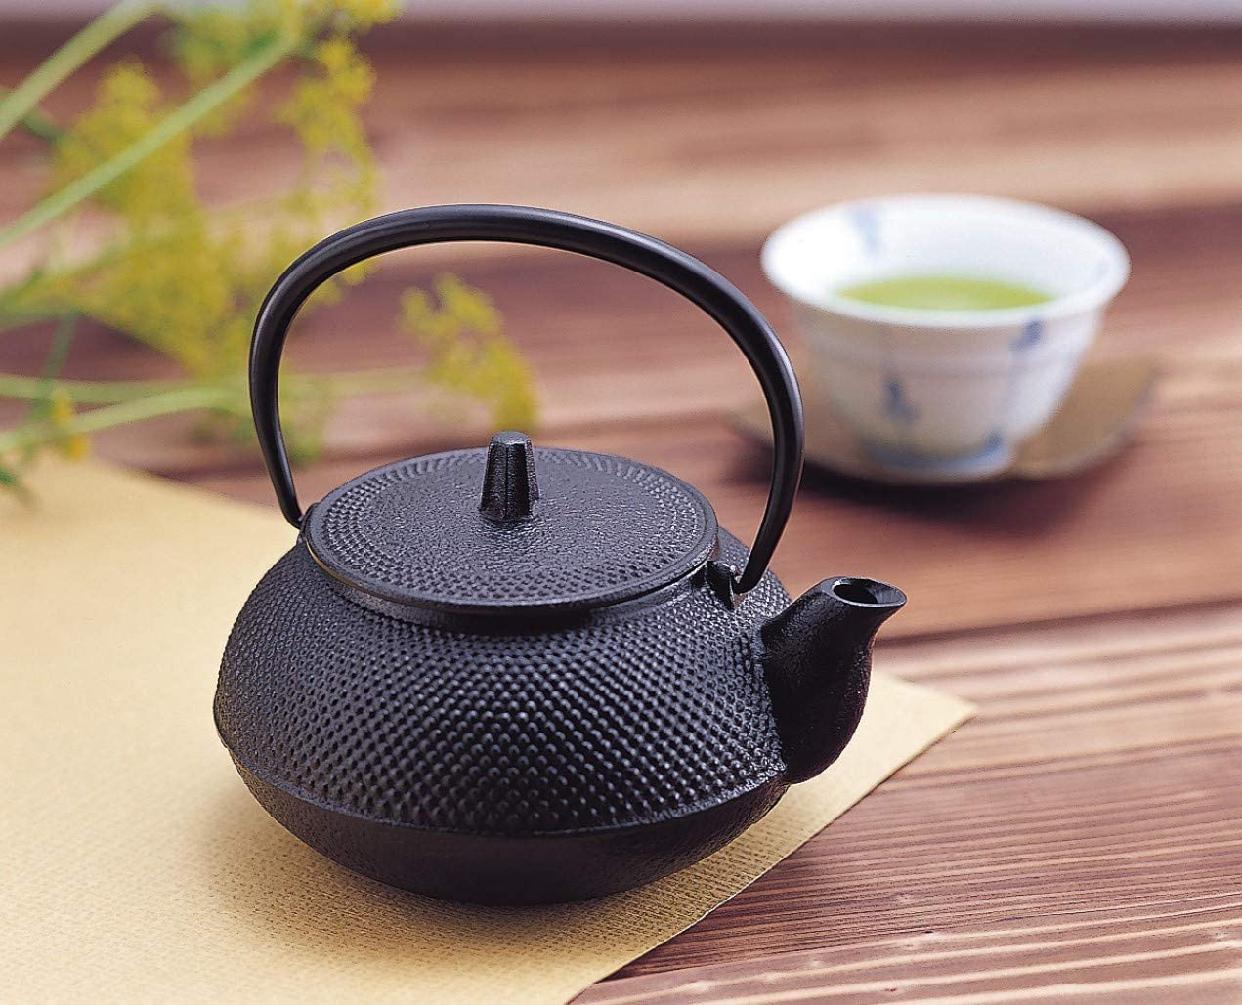 岩鋳(Iwachu) 鉄瓶兼用急須 5型新アラレ ブラックの商品画像5